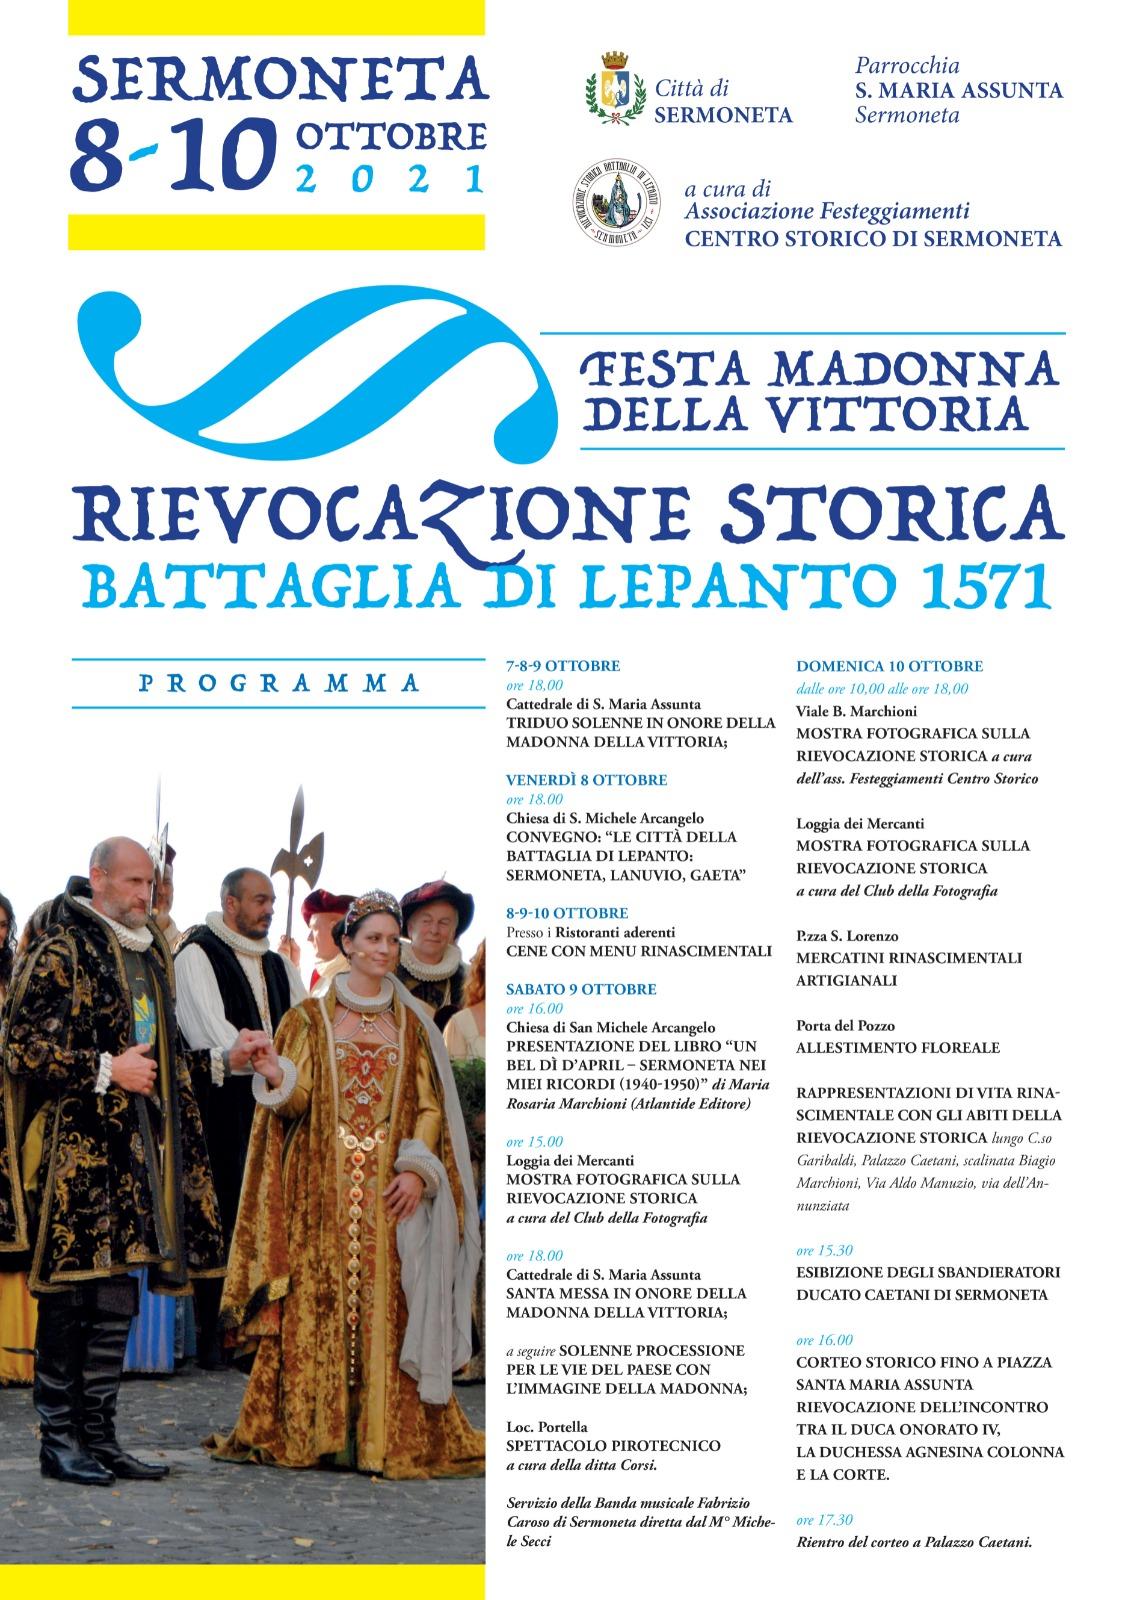 Sermoneta: Rievocazione storica- Battaglia di Lepanto 1571 @ Sermoneta